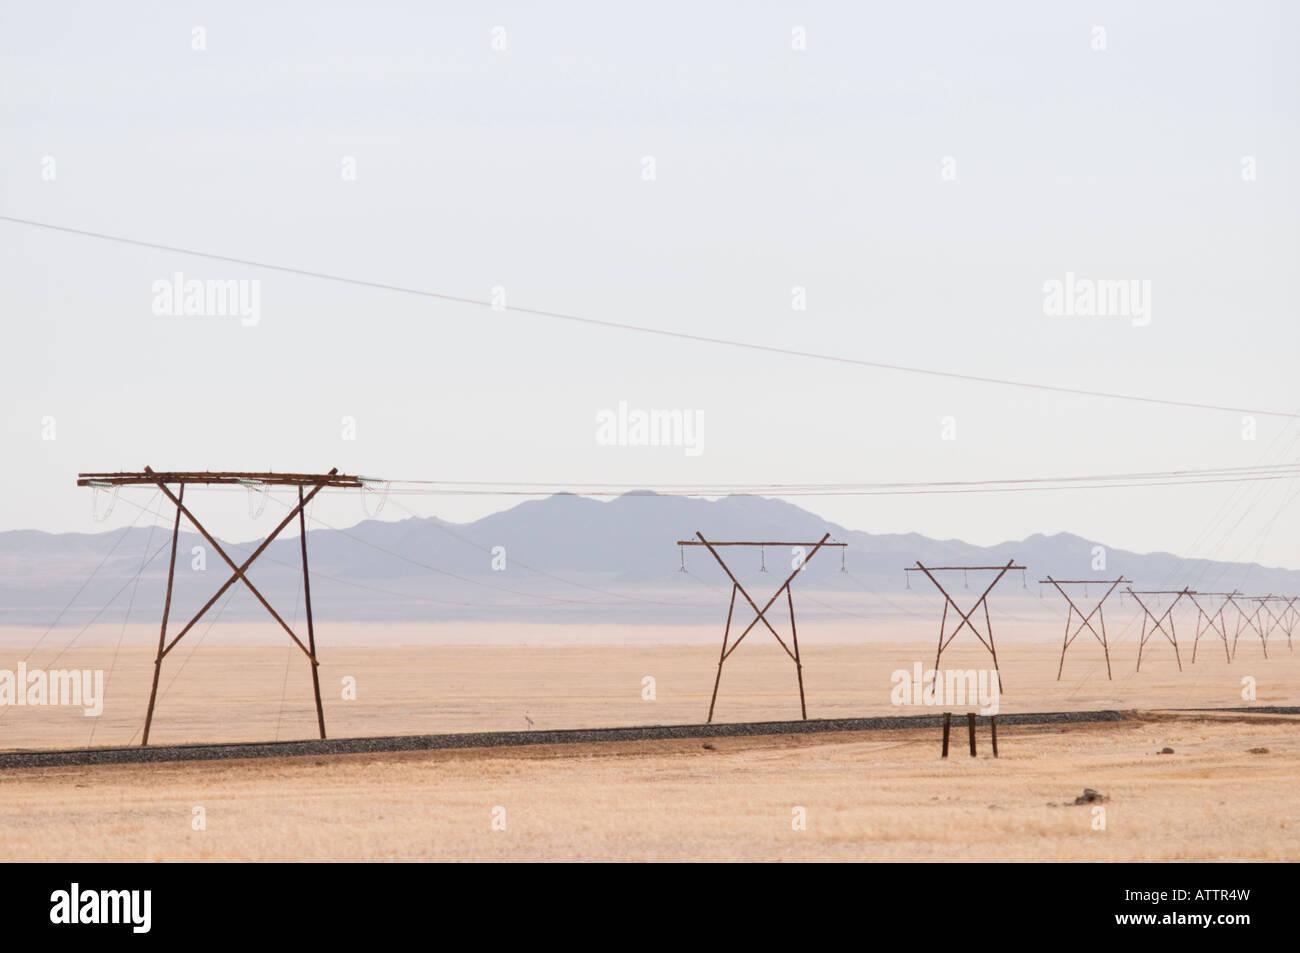 Les lignes d'alimentation à travers le désert du Namib en Namibie Photo Stock